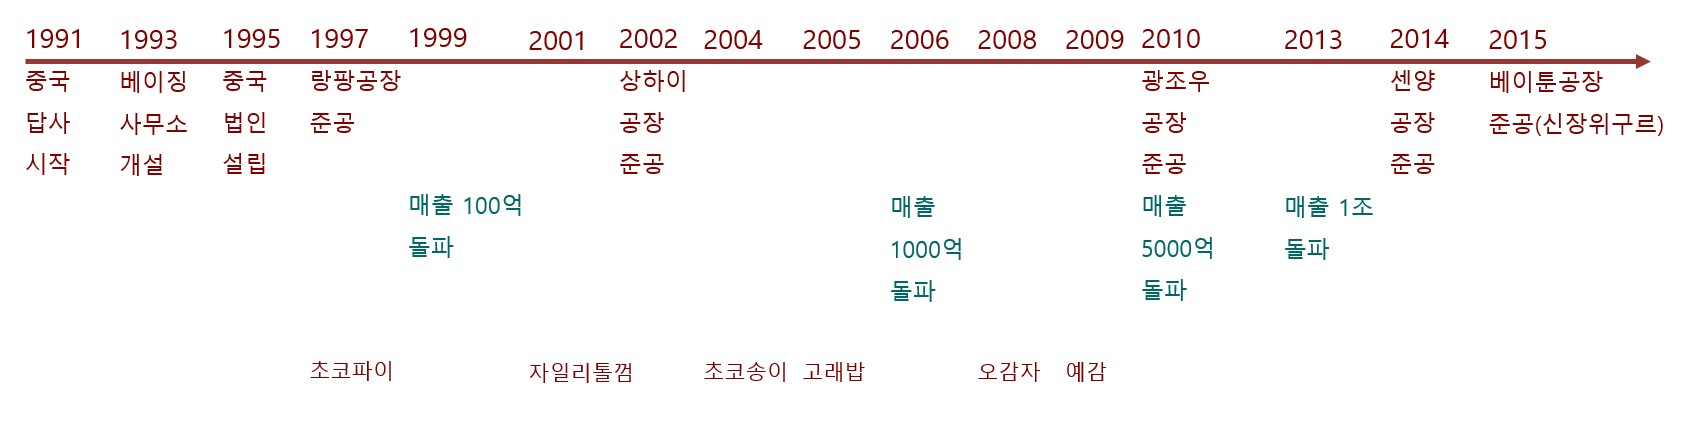 오리온 중국 진출 역사.jpg